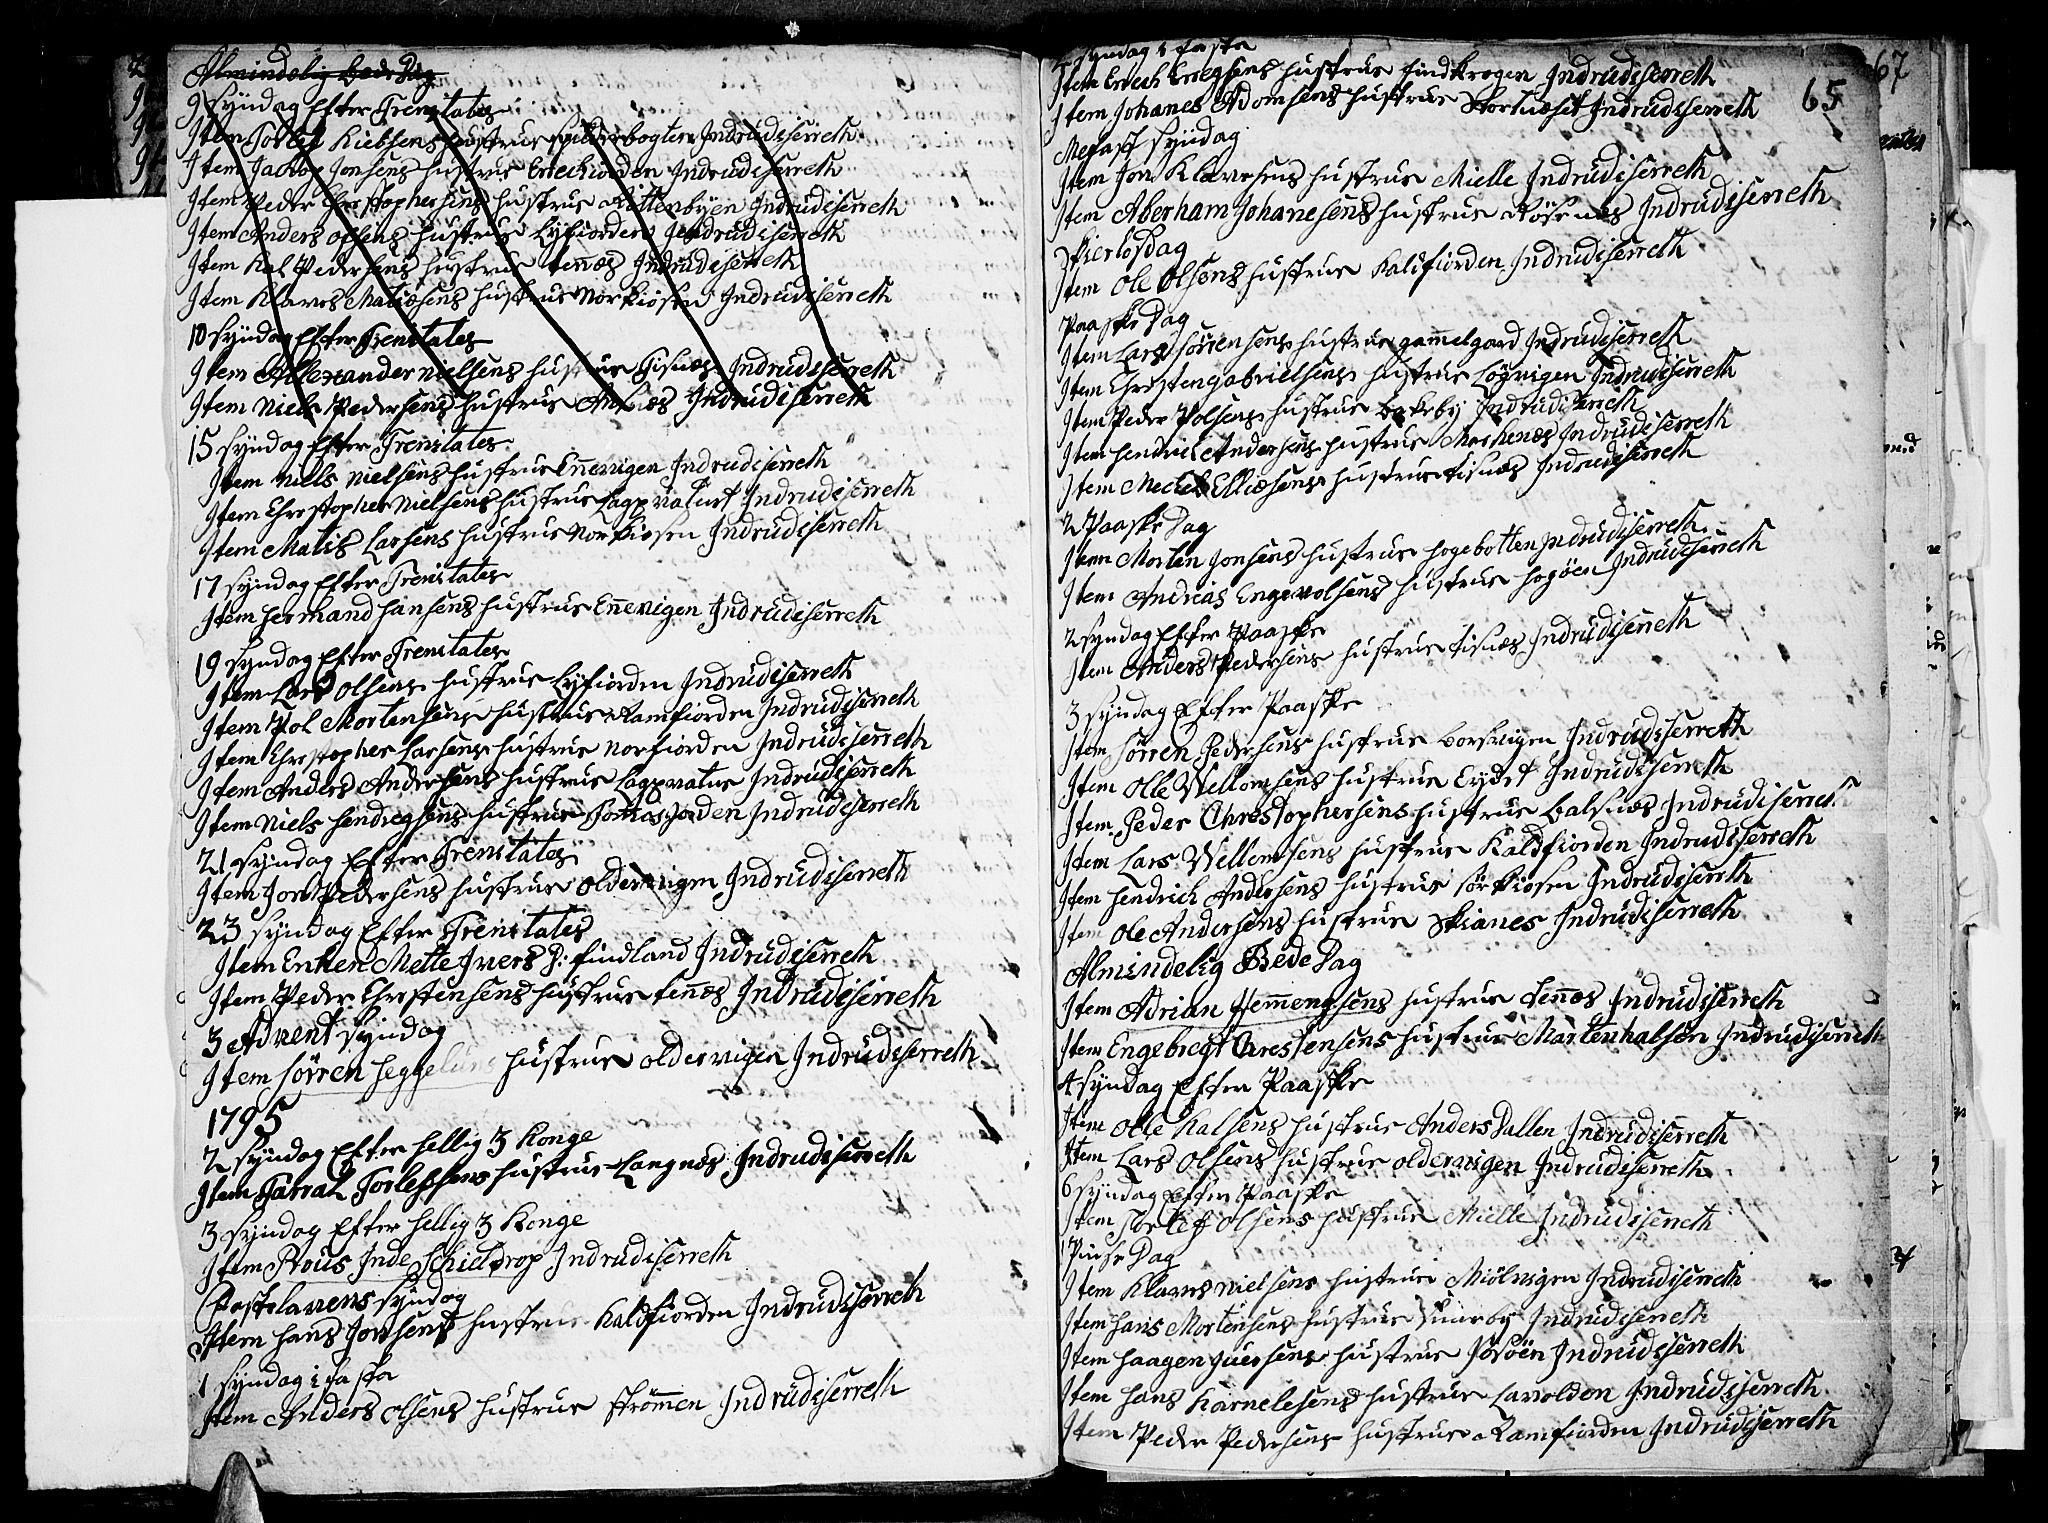 SATØ, Tromsø sokneprestkontor/stiftsprosti/domprosti, G/Ga/L0004kirke: Ministerialbok nr. 4, 1787-1795, s. 65